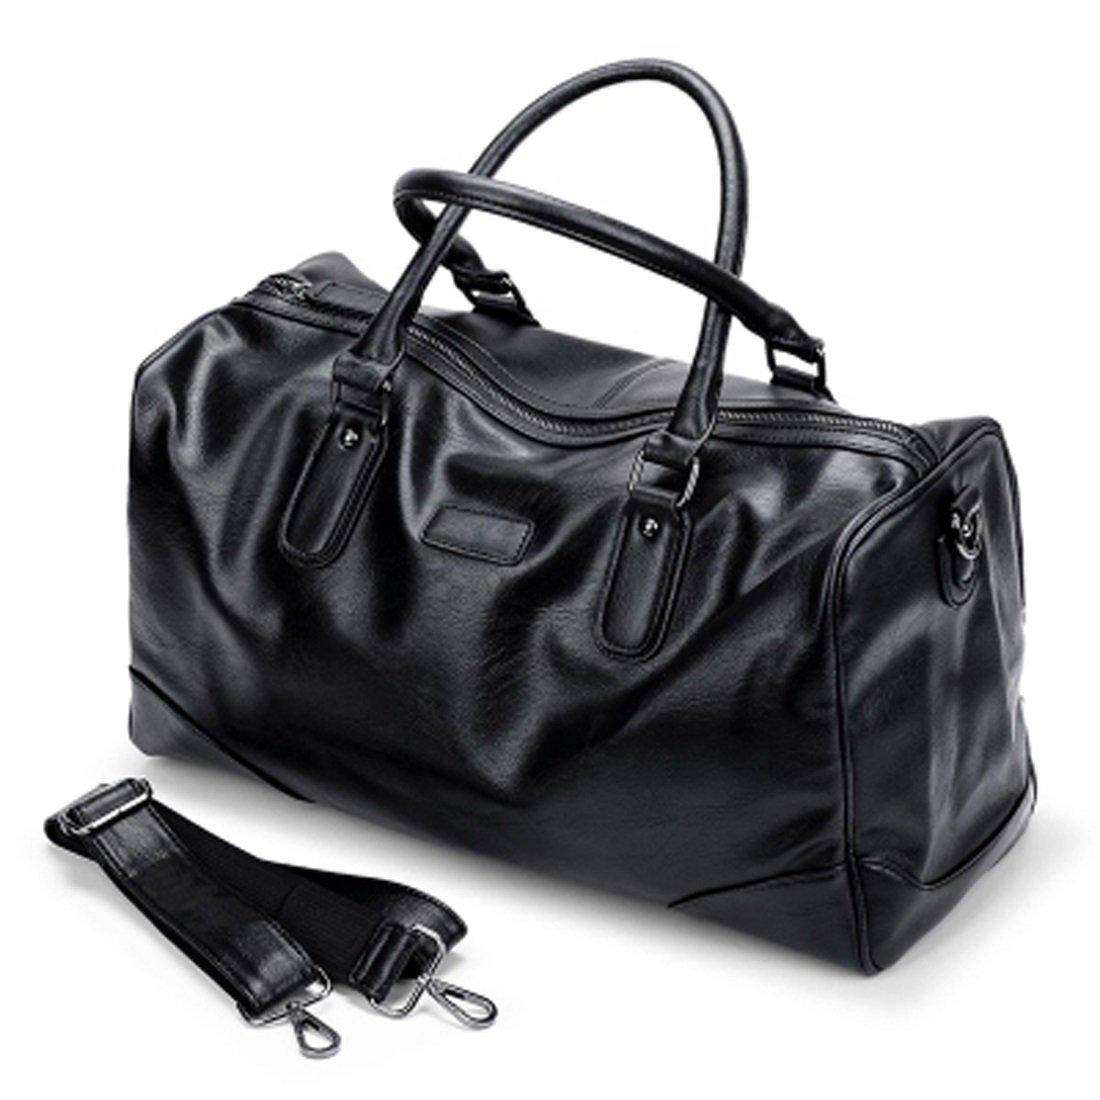 WTING Men's Pu Traveling Luggage Bag Black Handbagsolid Color Soft Solid Color